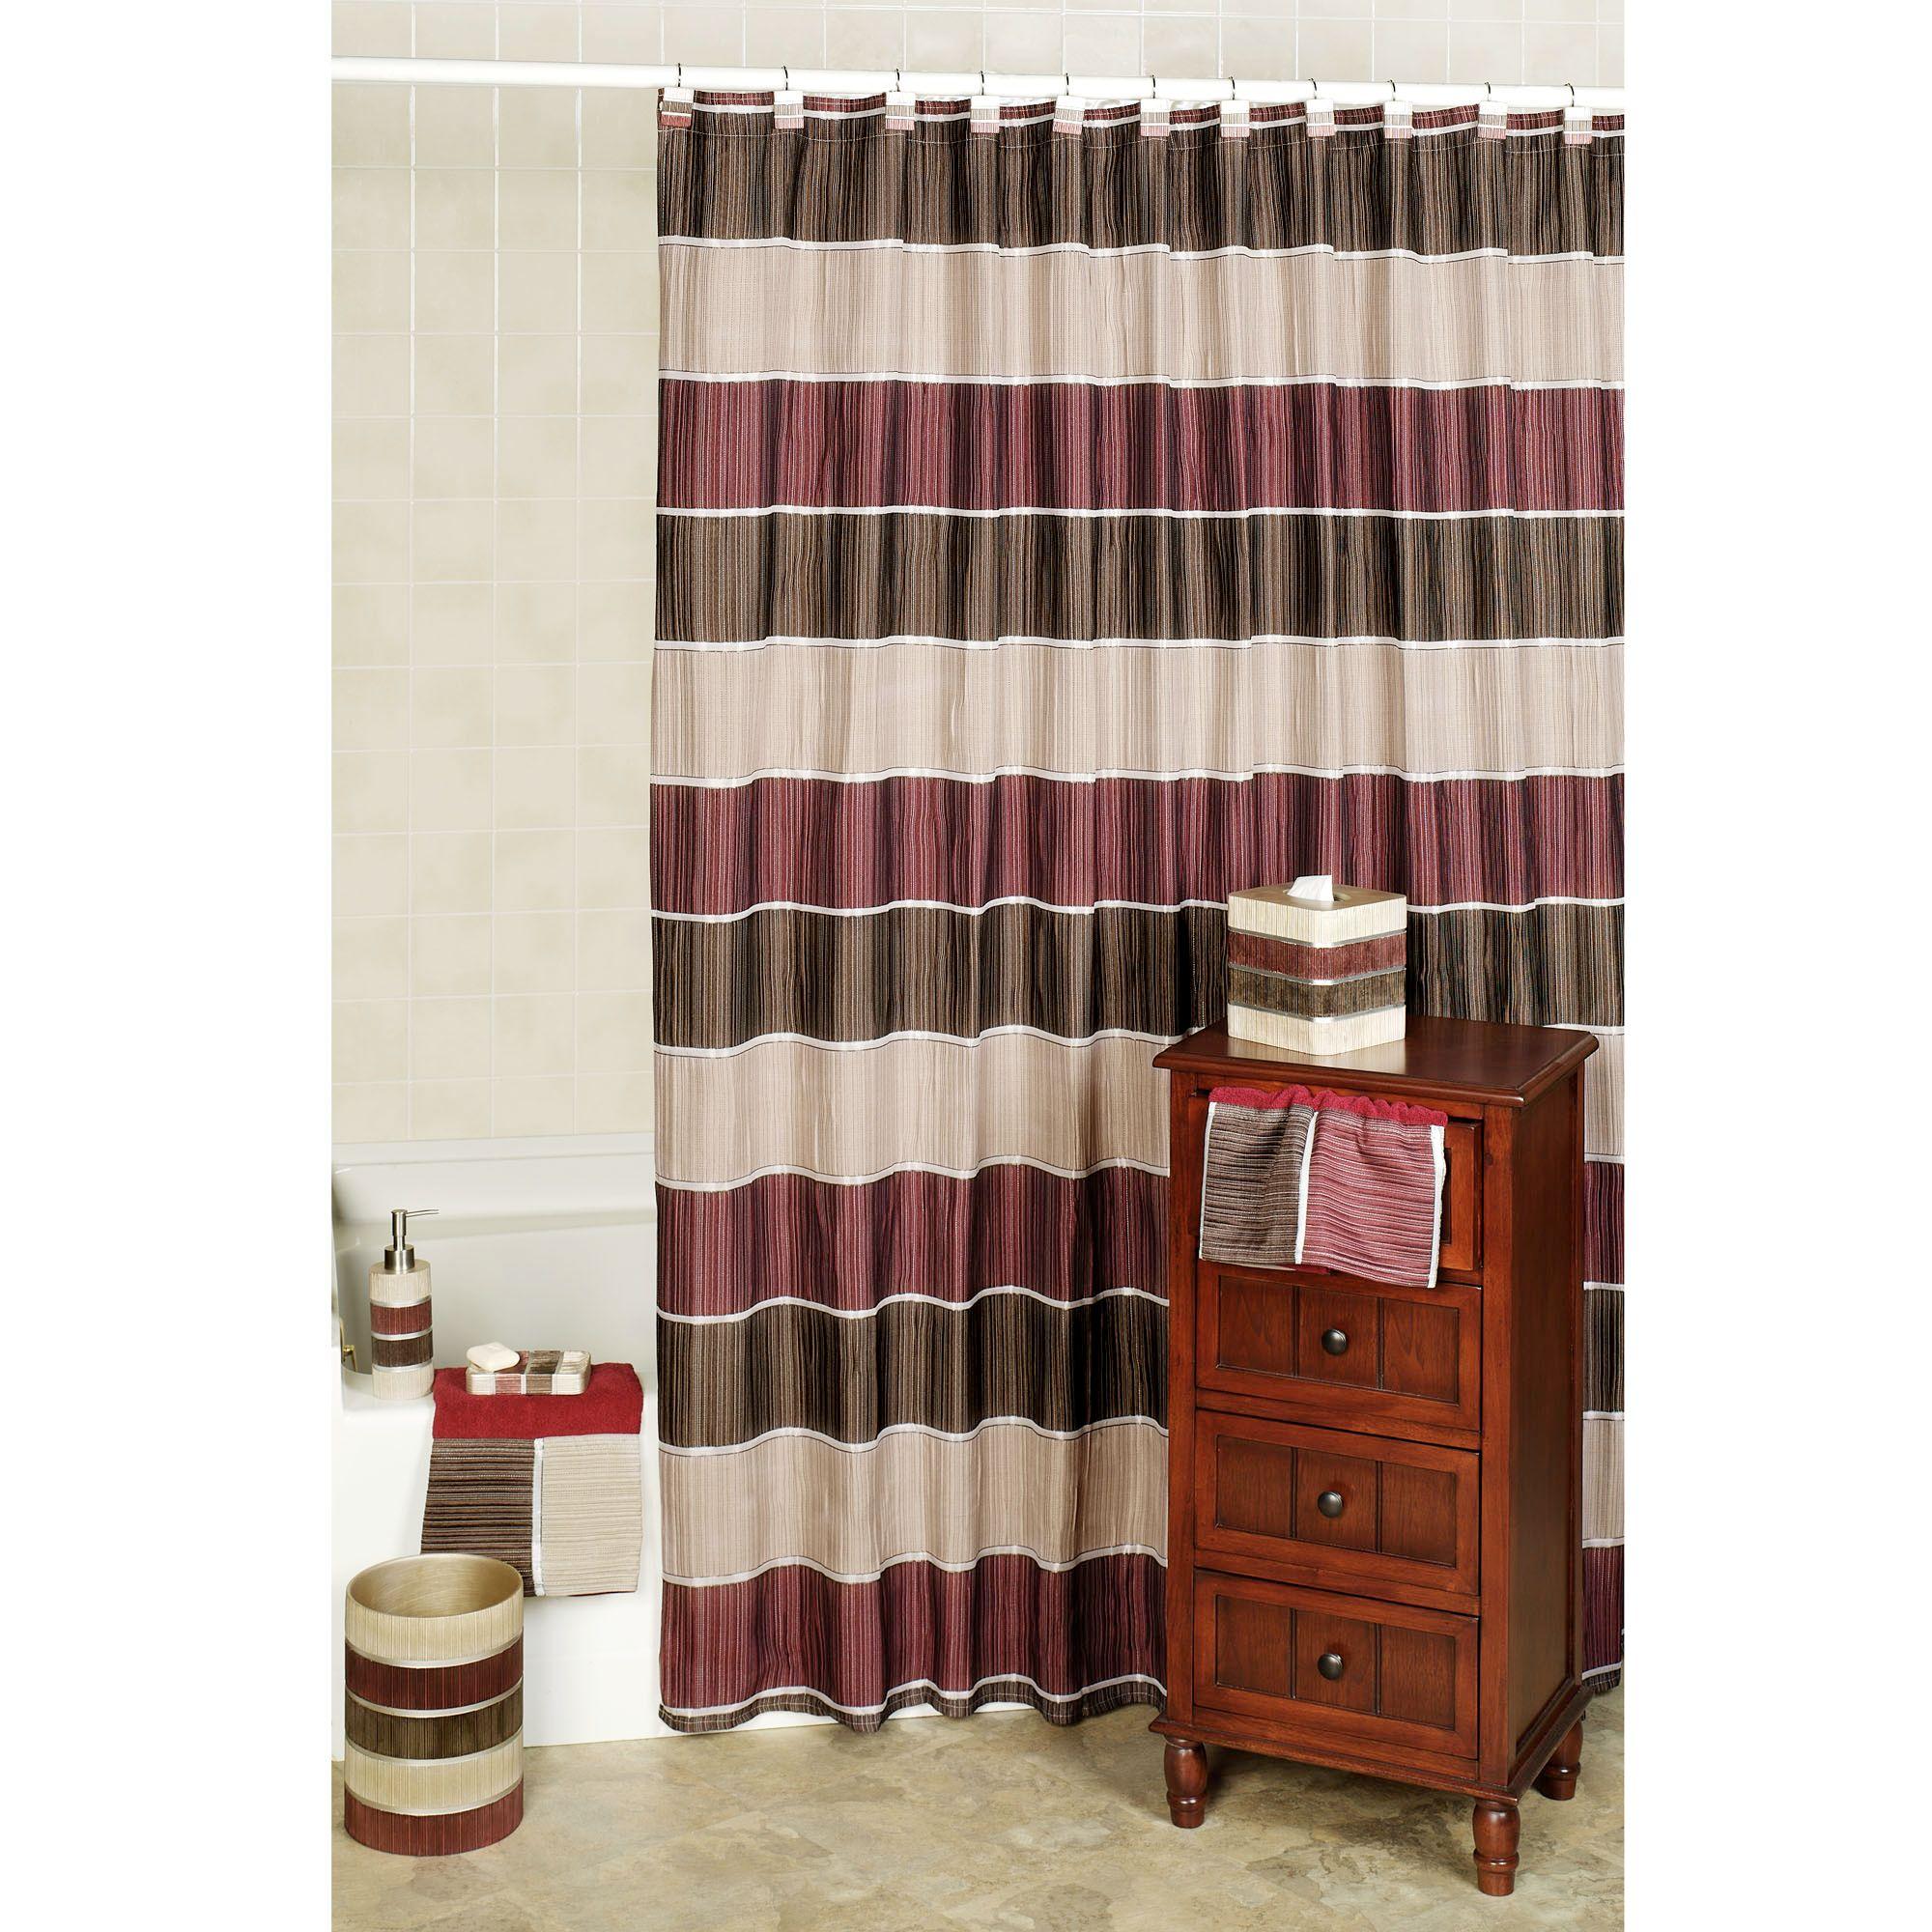 10 Photos To Burgundy Kitchen Curtains